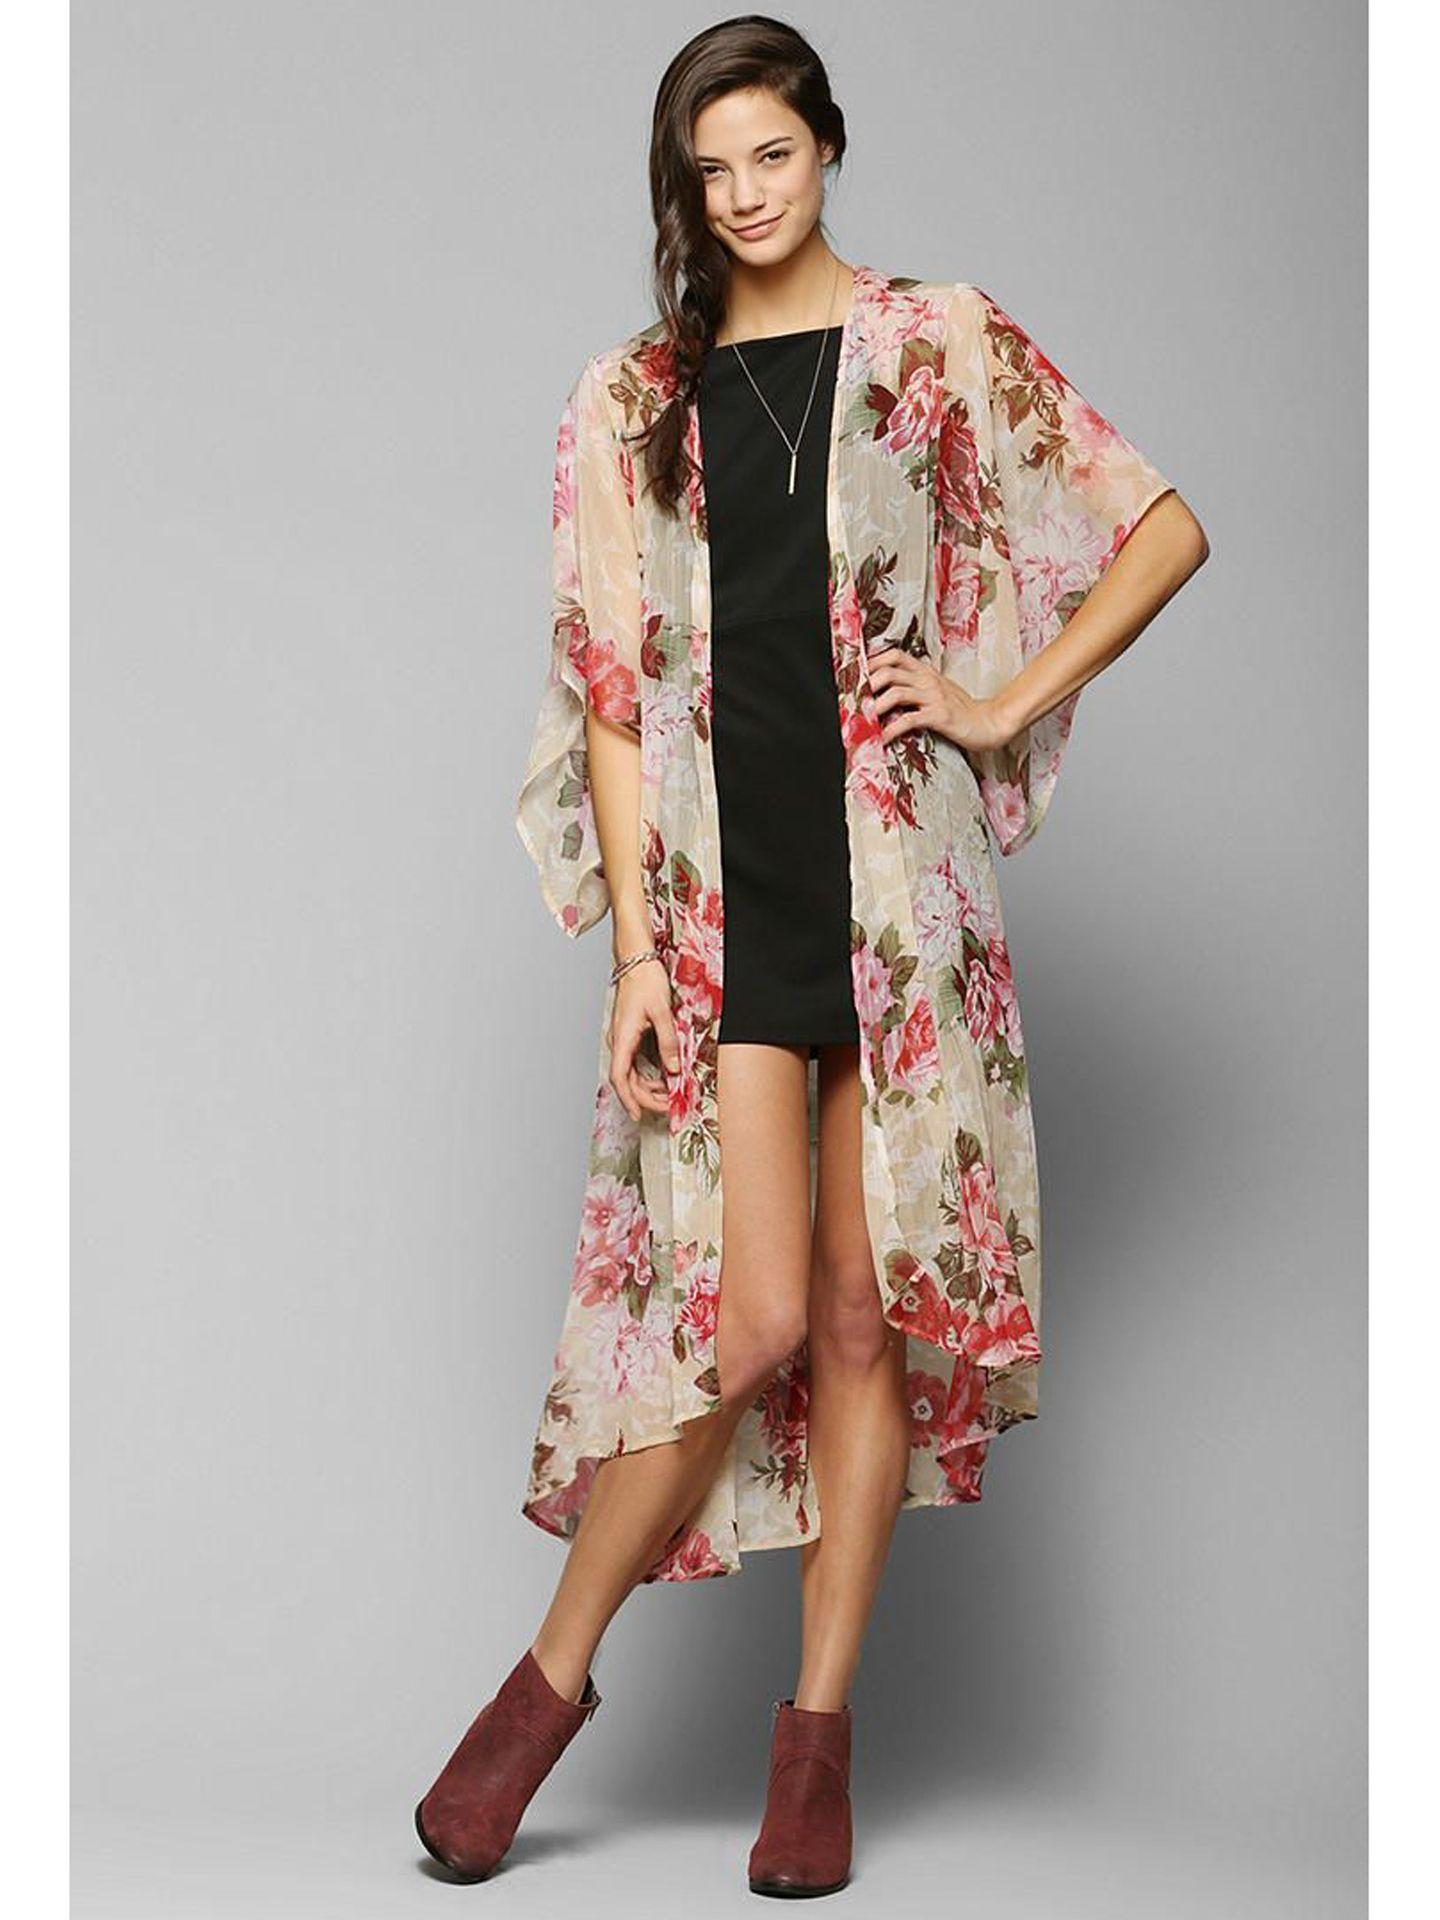 11 Cute Kimonos For Spring - Cheap Kimono Jackets